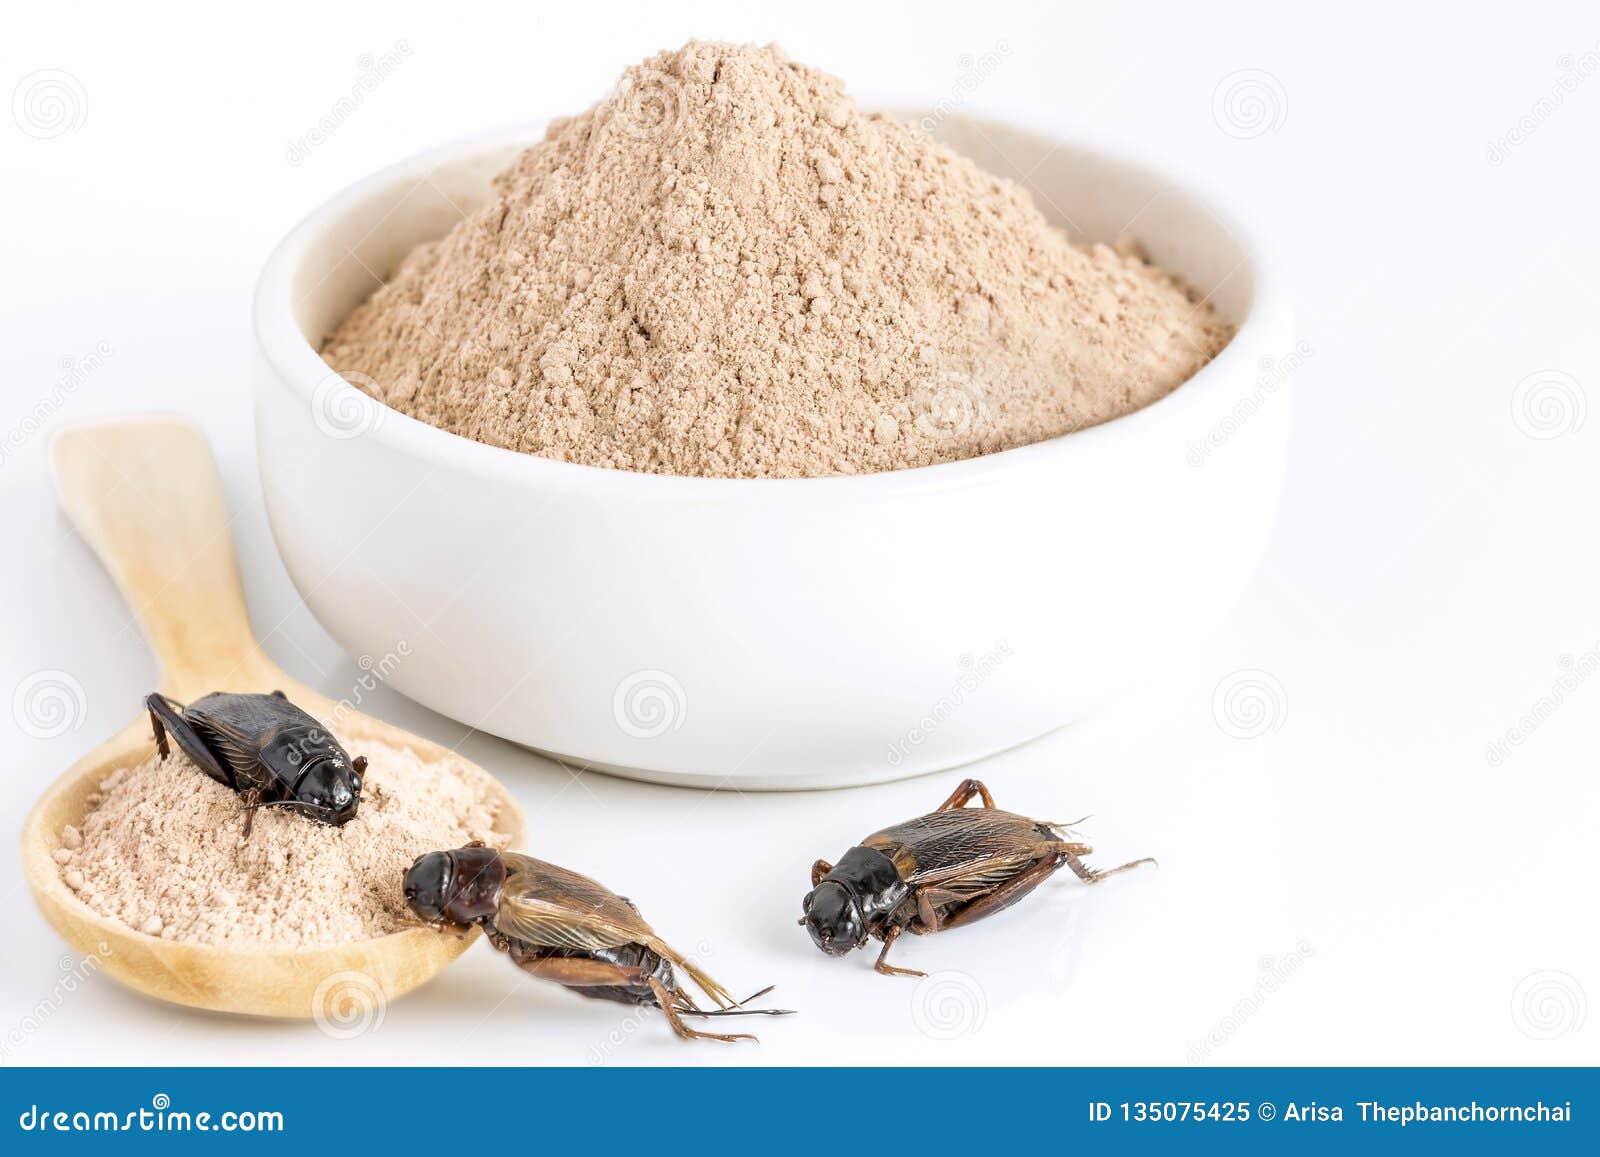 Το έντομο σκονών γρύλων για την κατανάλωση ως προϊόντα φιαγμένα από μαγειρευμένο κρέας εντόμων στο κύπελλο και το ξύλινο κουτάλι